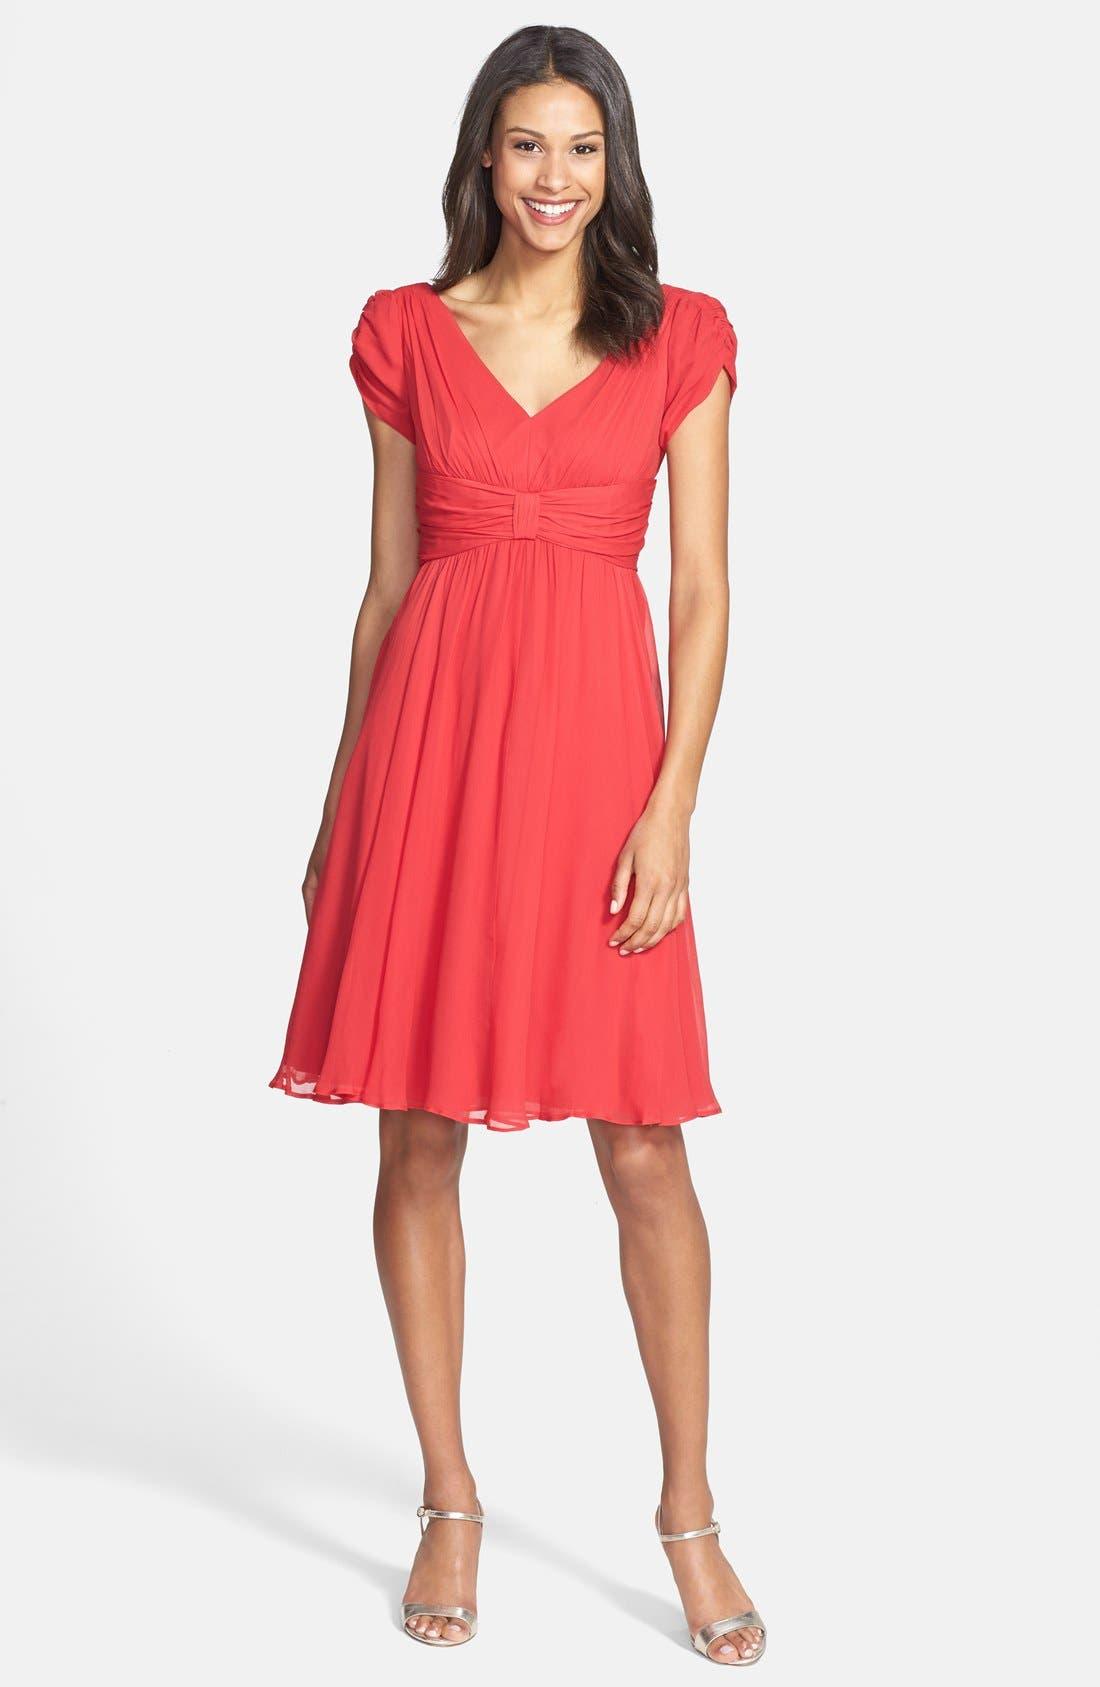 Alternate Image 1 Selected - Ivy & Blu Front Knot Chiffon Dress (Petite)